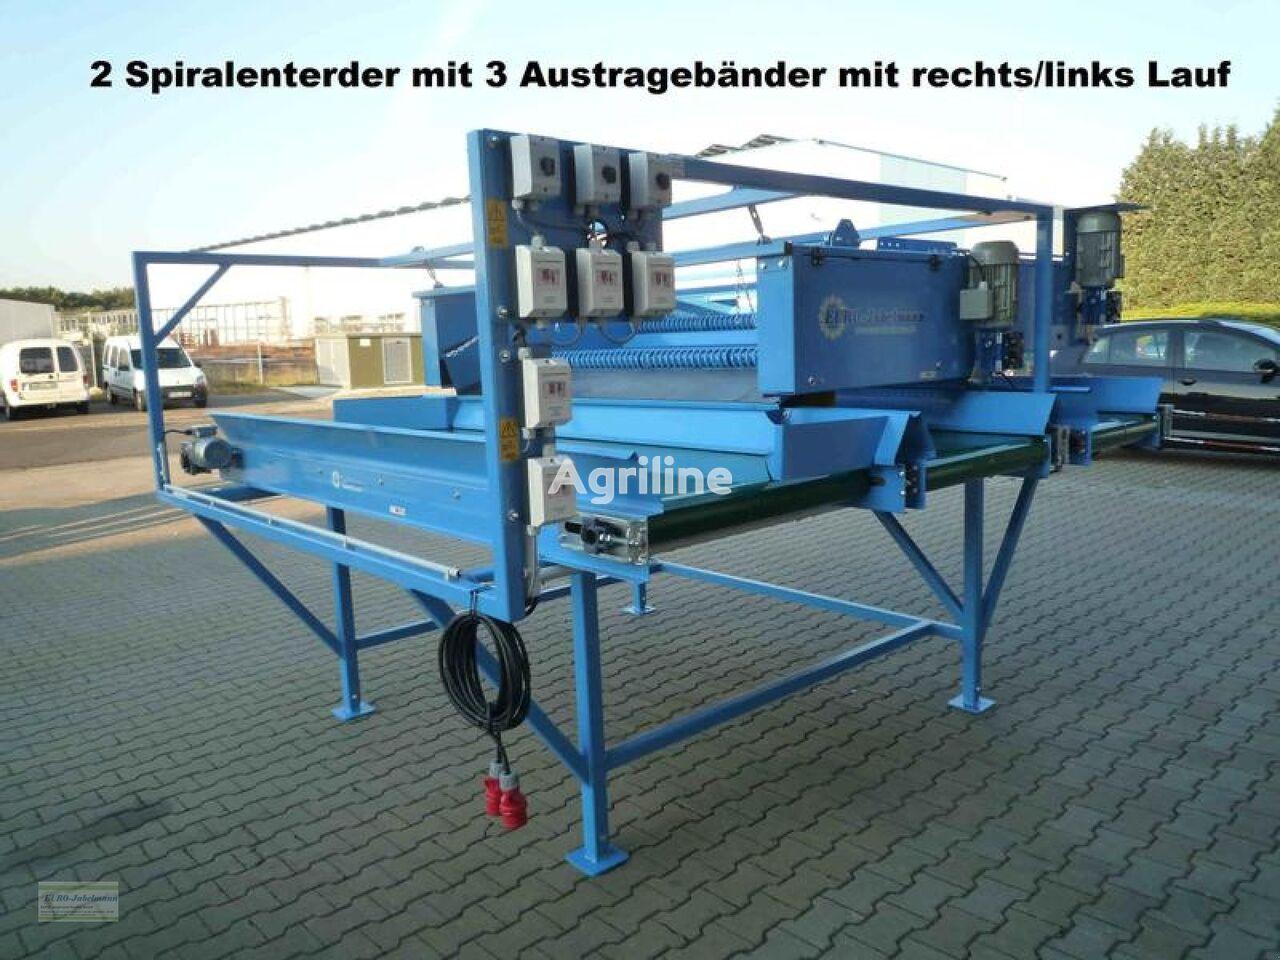 nieuw EURO-Jabelmann Doppelter Spiralwalzenenterder mit Austragebänder, NEU groentewasmachine